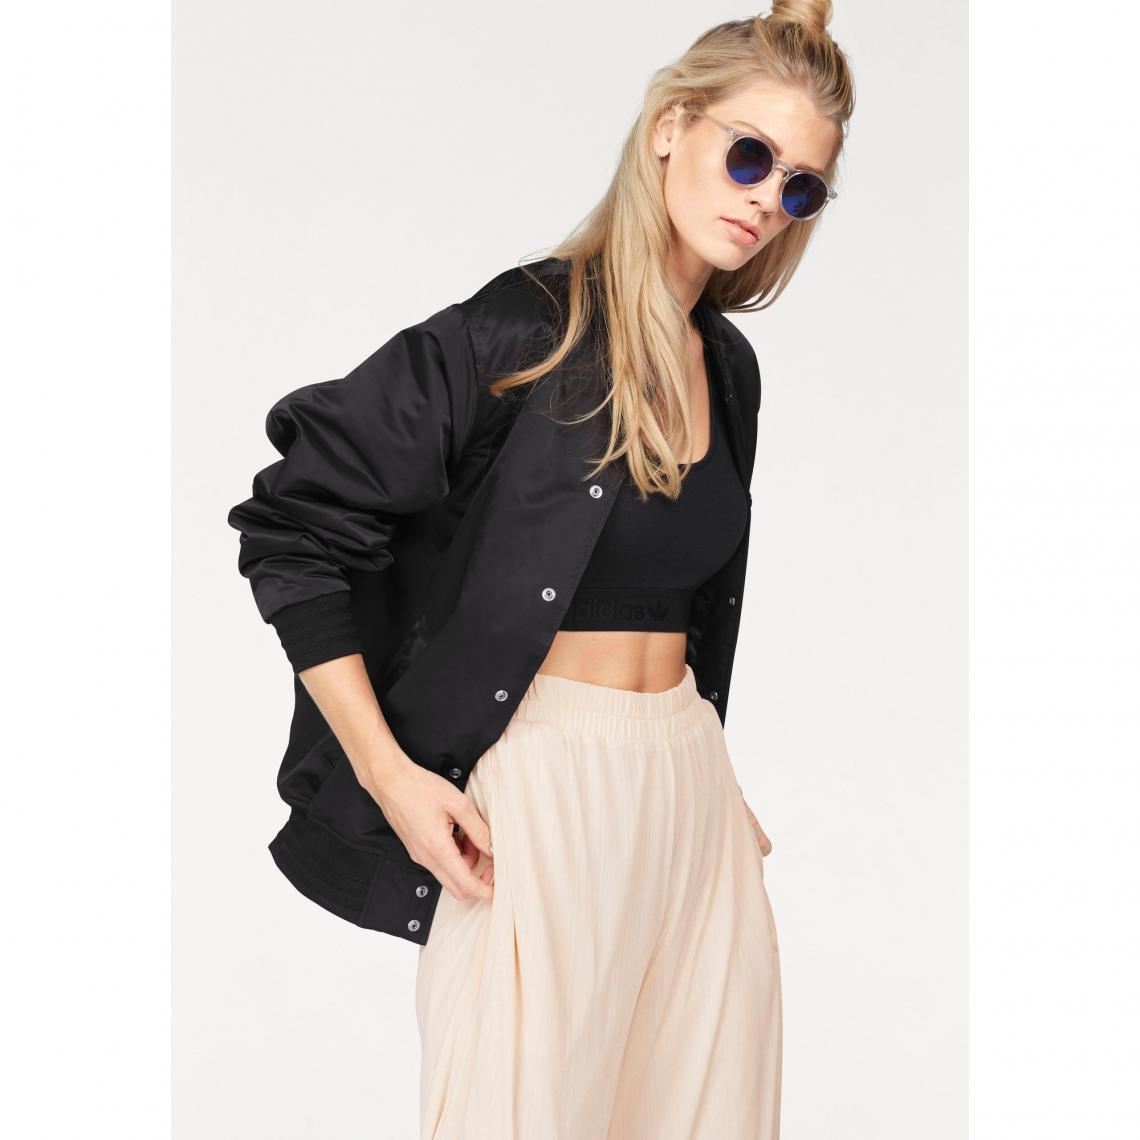 24f59e64ea2 Blouson rembourré Stlying Compliments Jacket SST femme adidas Originals -  Noir Adidas Originals Femme